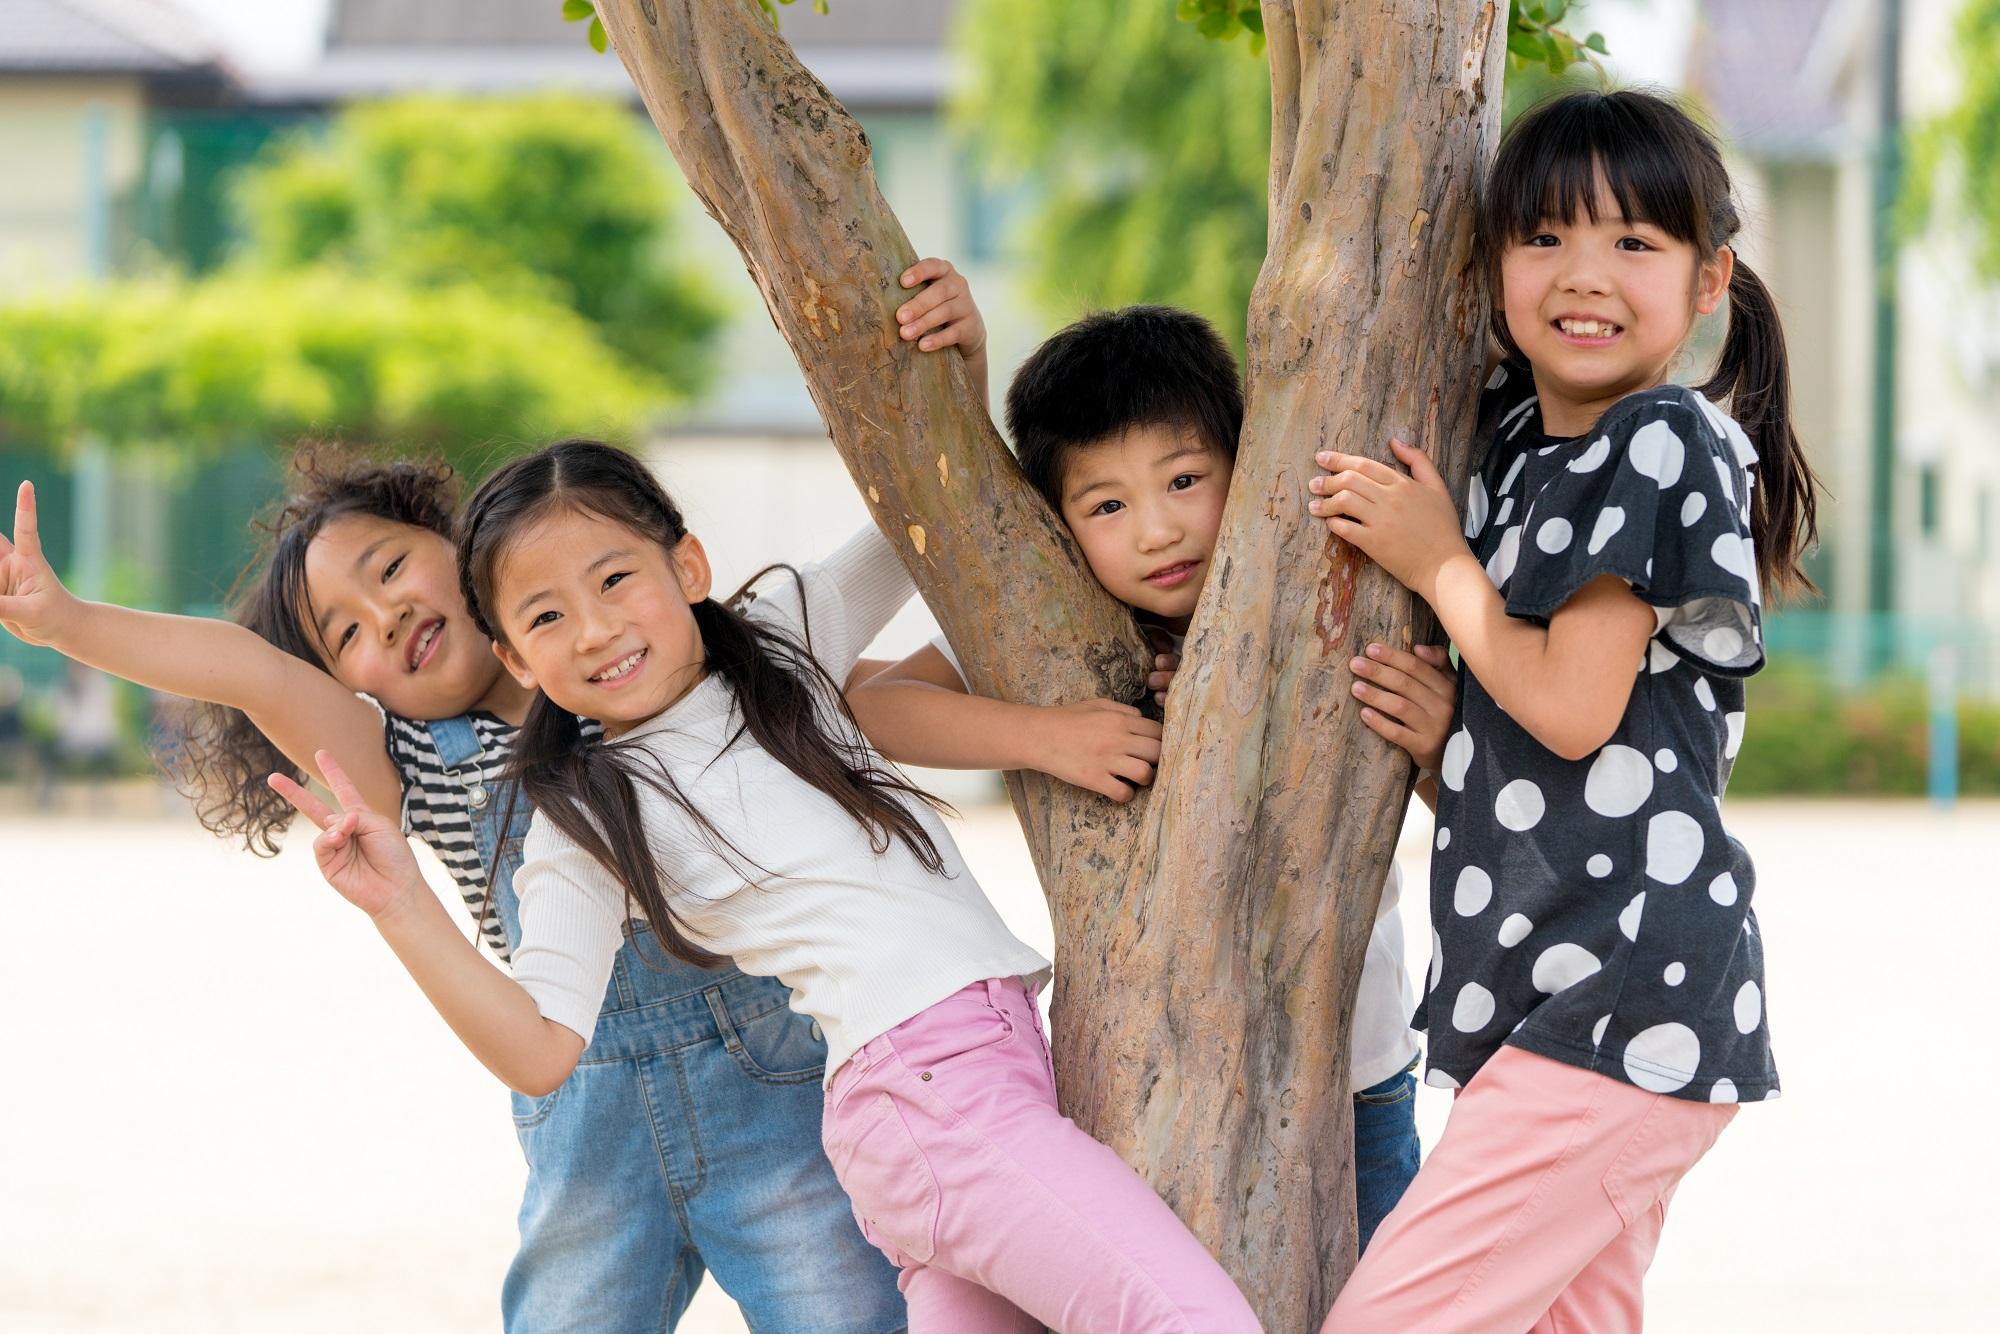 長期休みは、学童で過ごす時間が長く、子どもたちもストレスがたまります。どうすればトラブルを減らせますか?